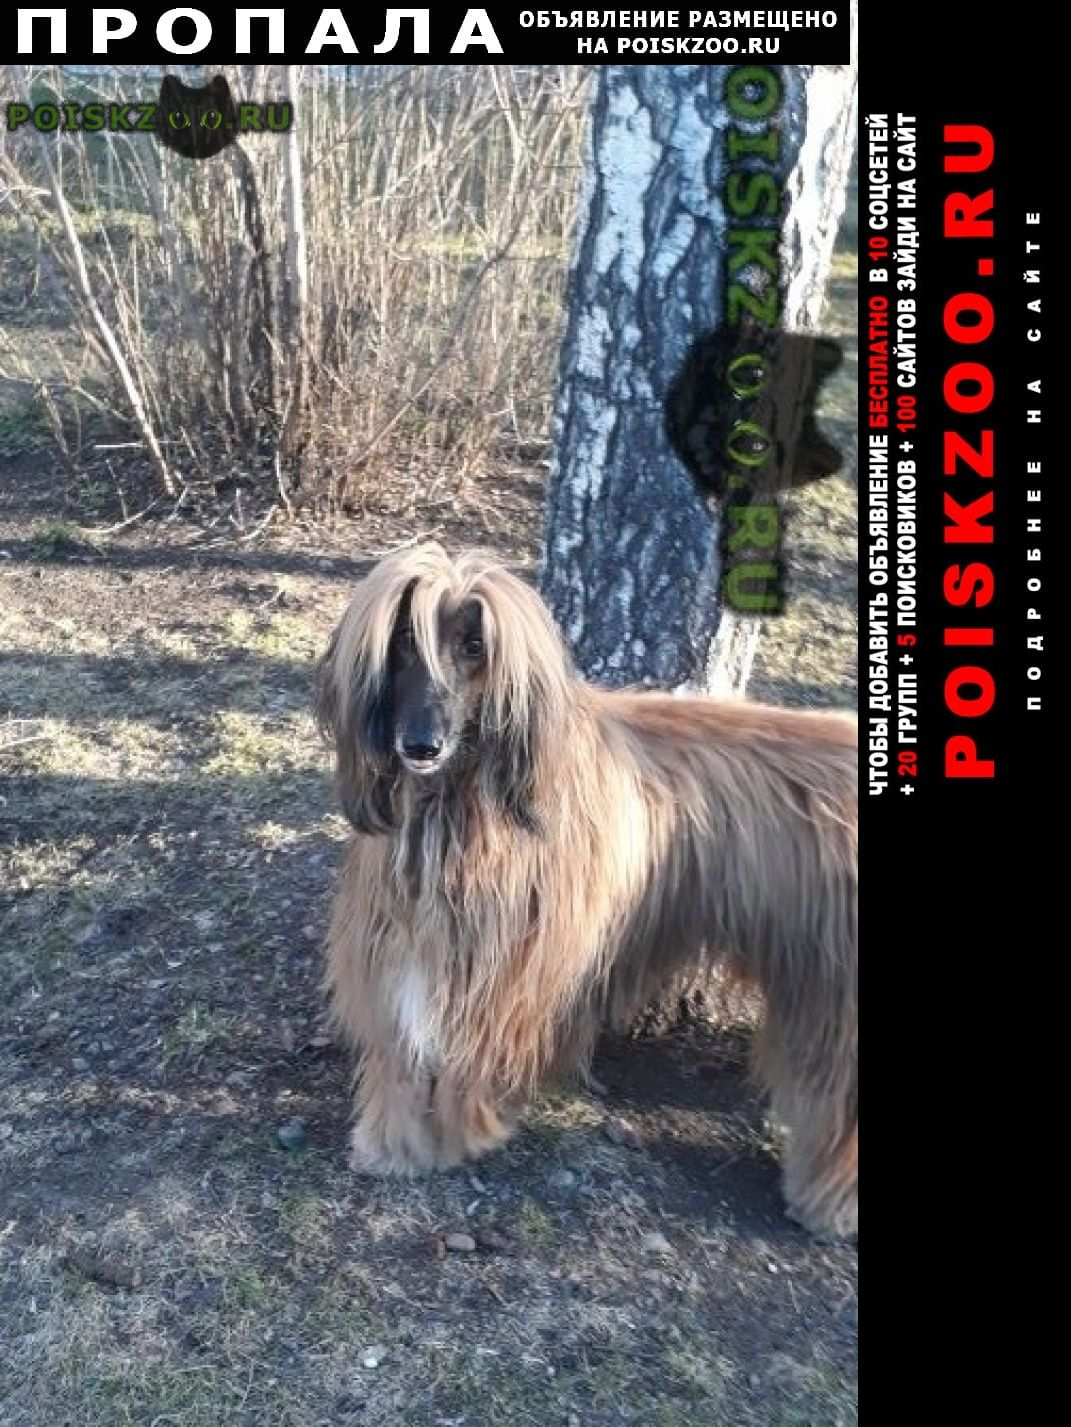 Пропала собака кобель афганская борзая, г.Томск